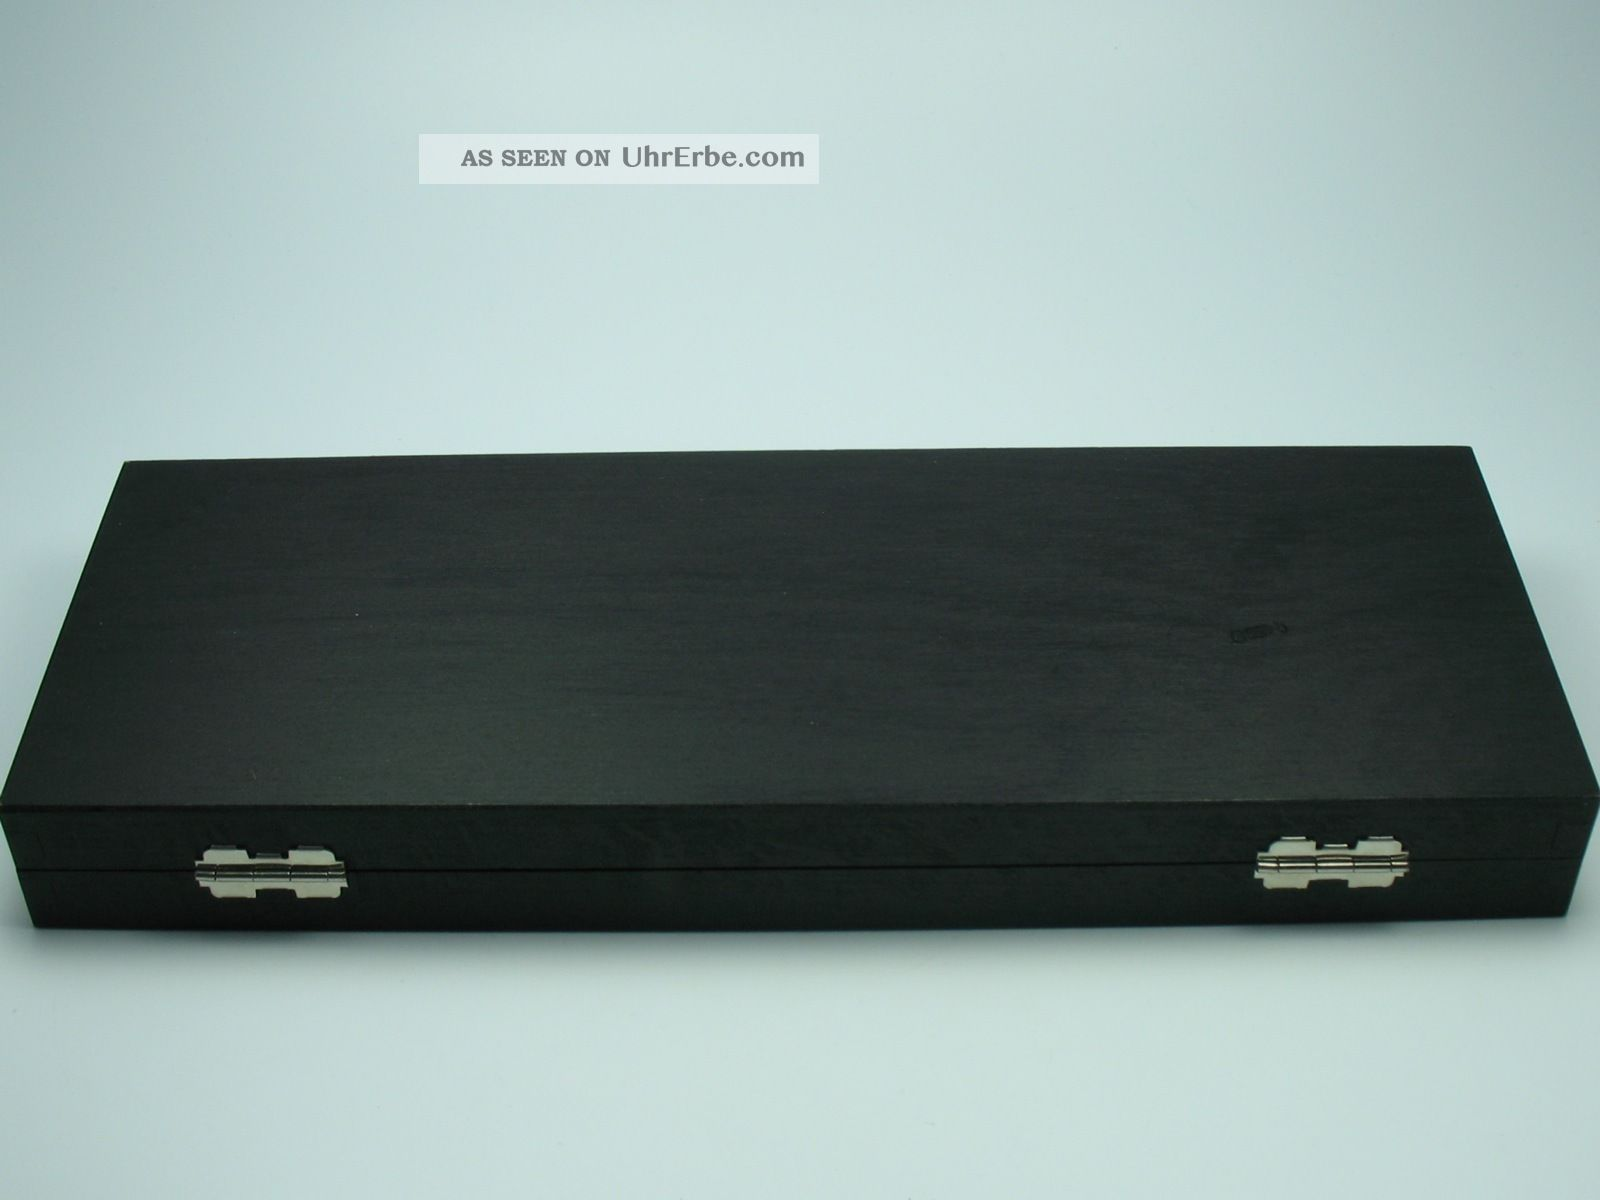 Holz Armbanduhren Hersteller ~ Nomos GlashÜtte Top Uhrenbox Aus Holz